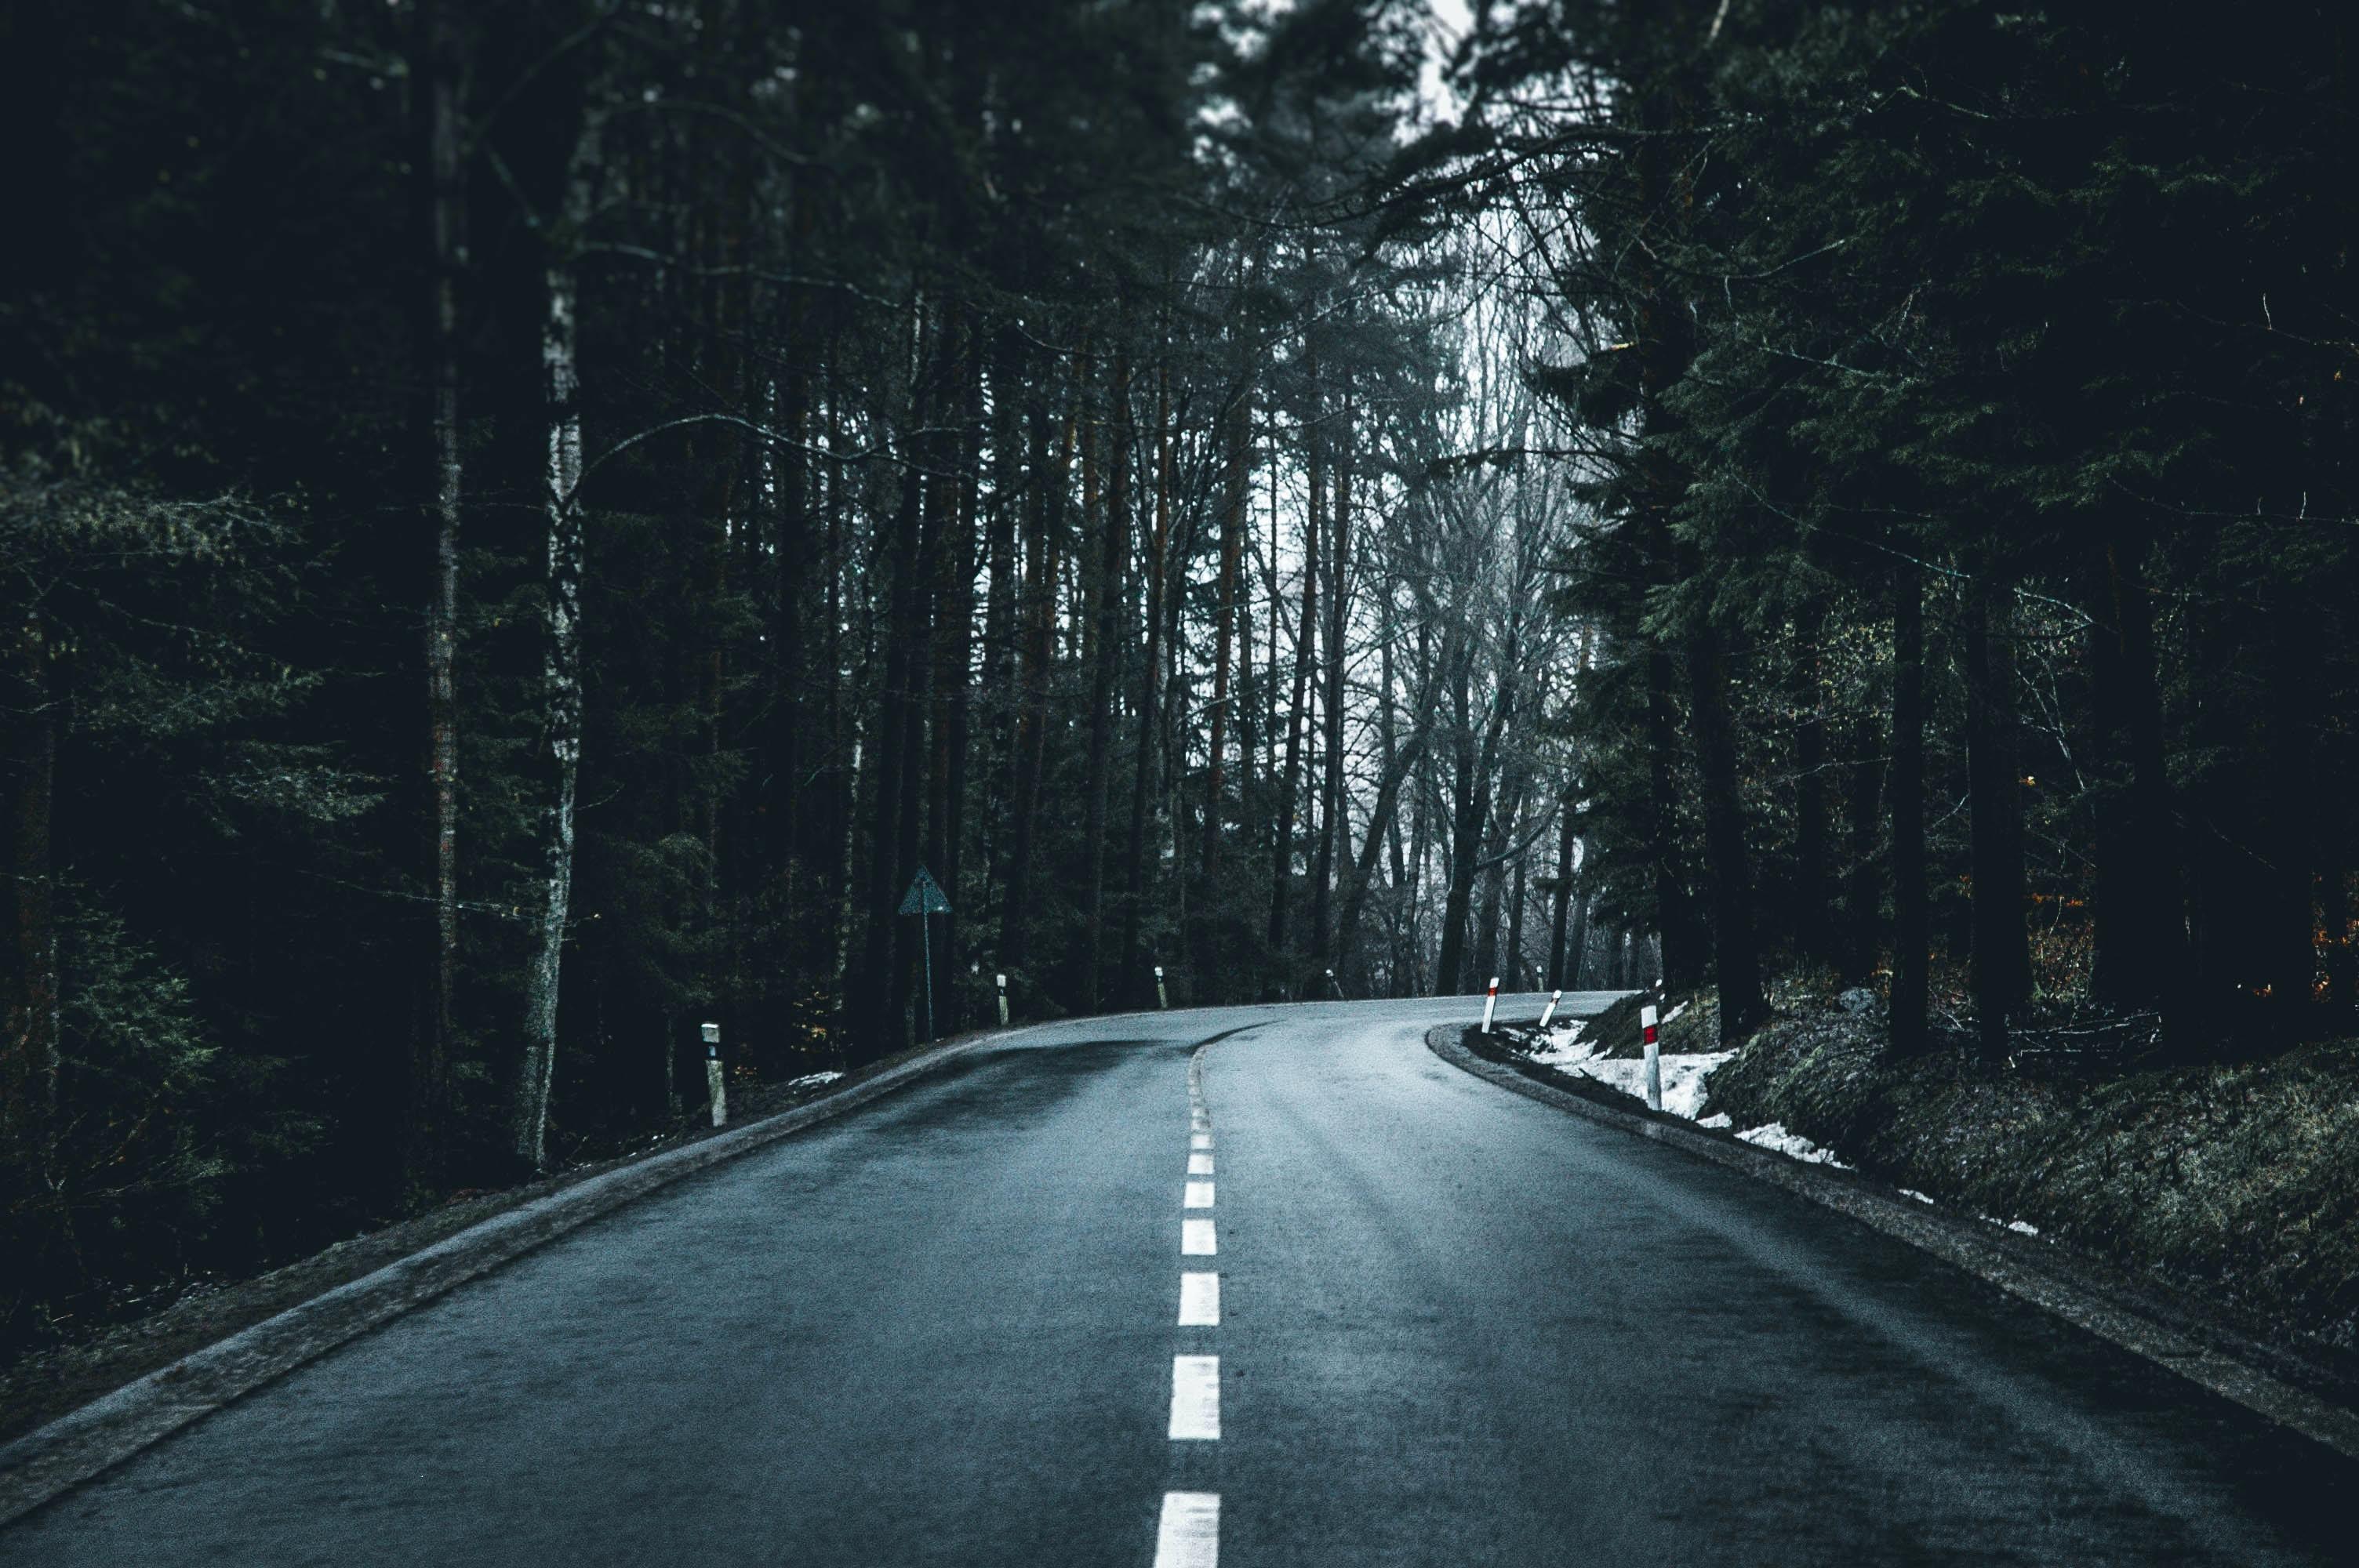 asphalt road in between green leafed trees